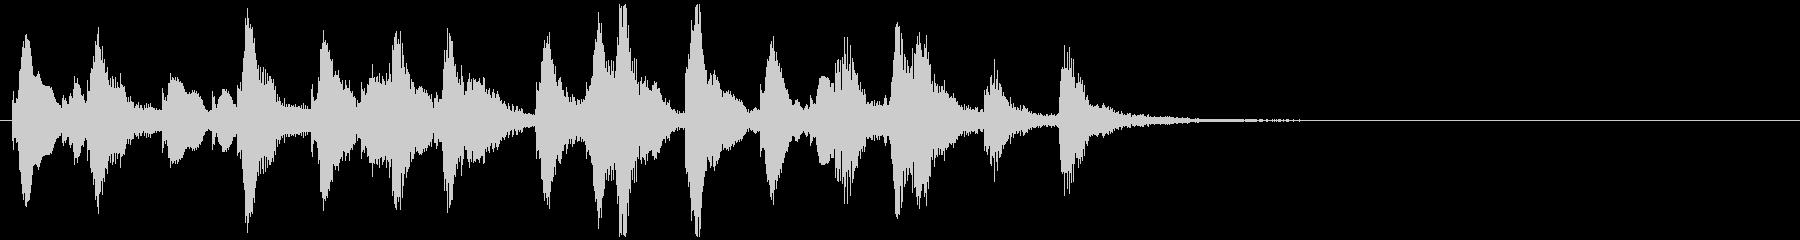 のほほんジングル039_元気+3の未再生の波形